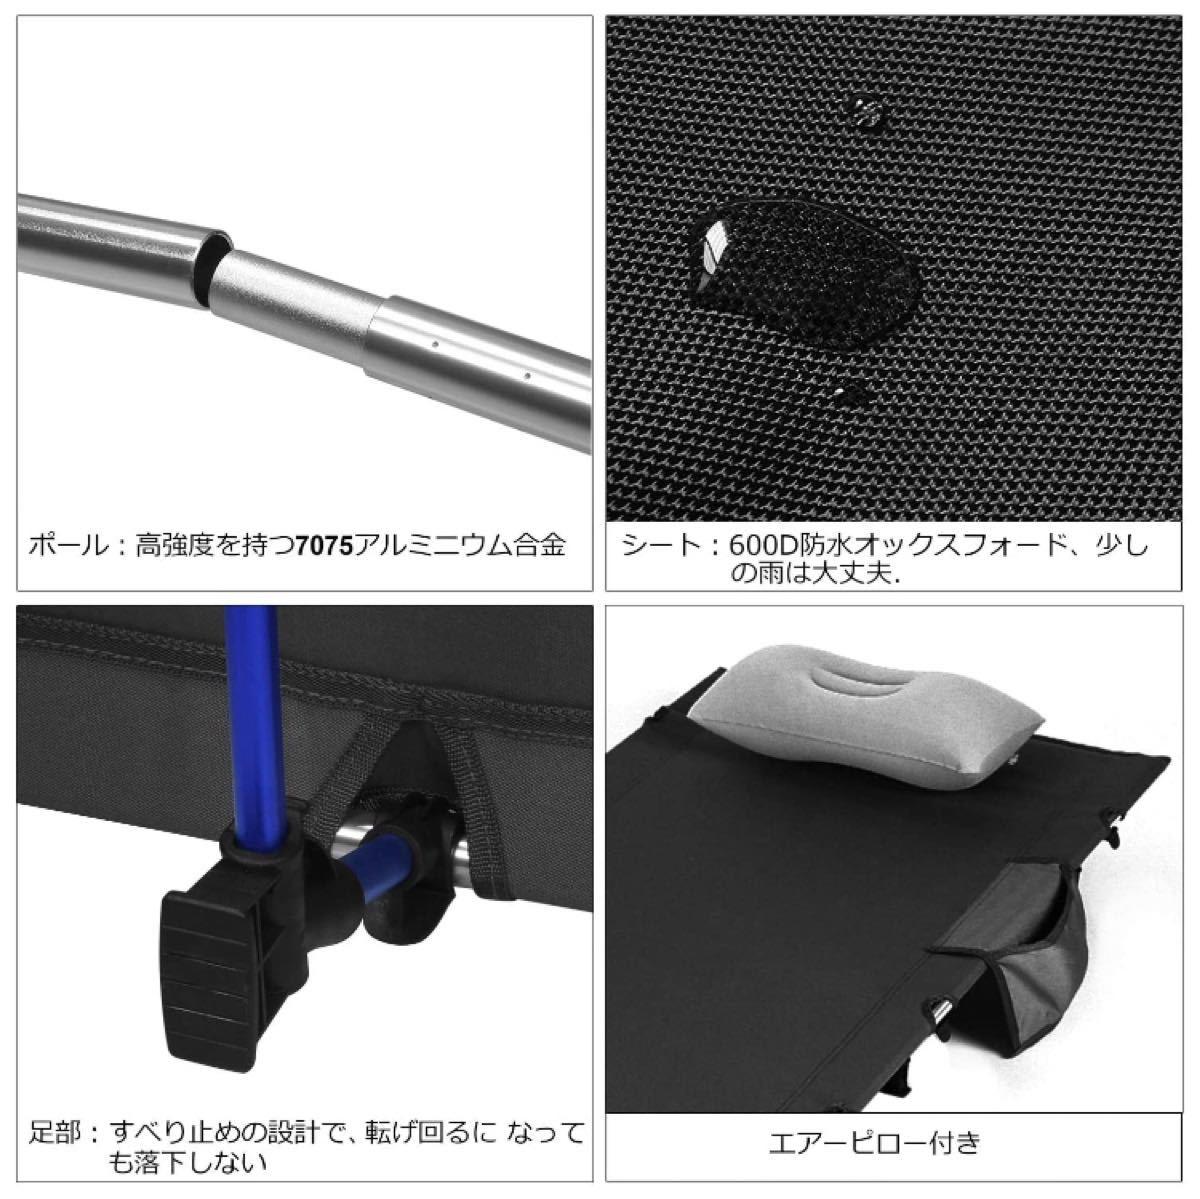 アウトドアベッド キャンプコット DINOKA 折り畳み式ベッド キャンピングベッド 耐荷重180KG 200×70×17 黒